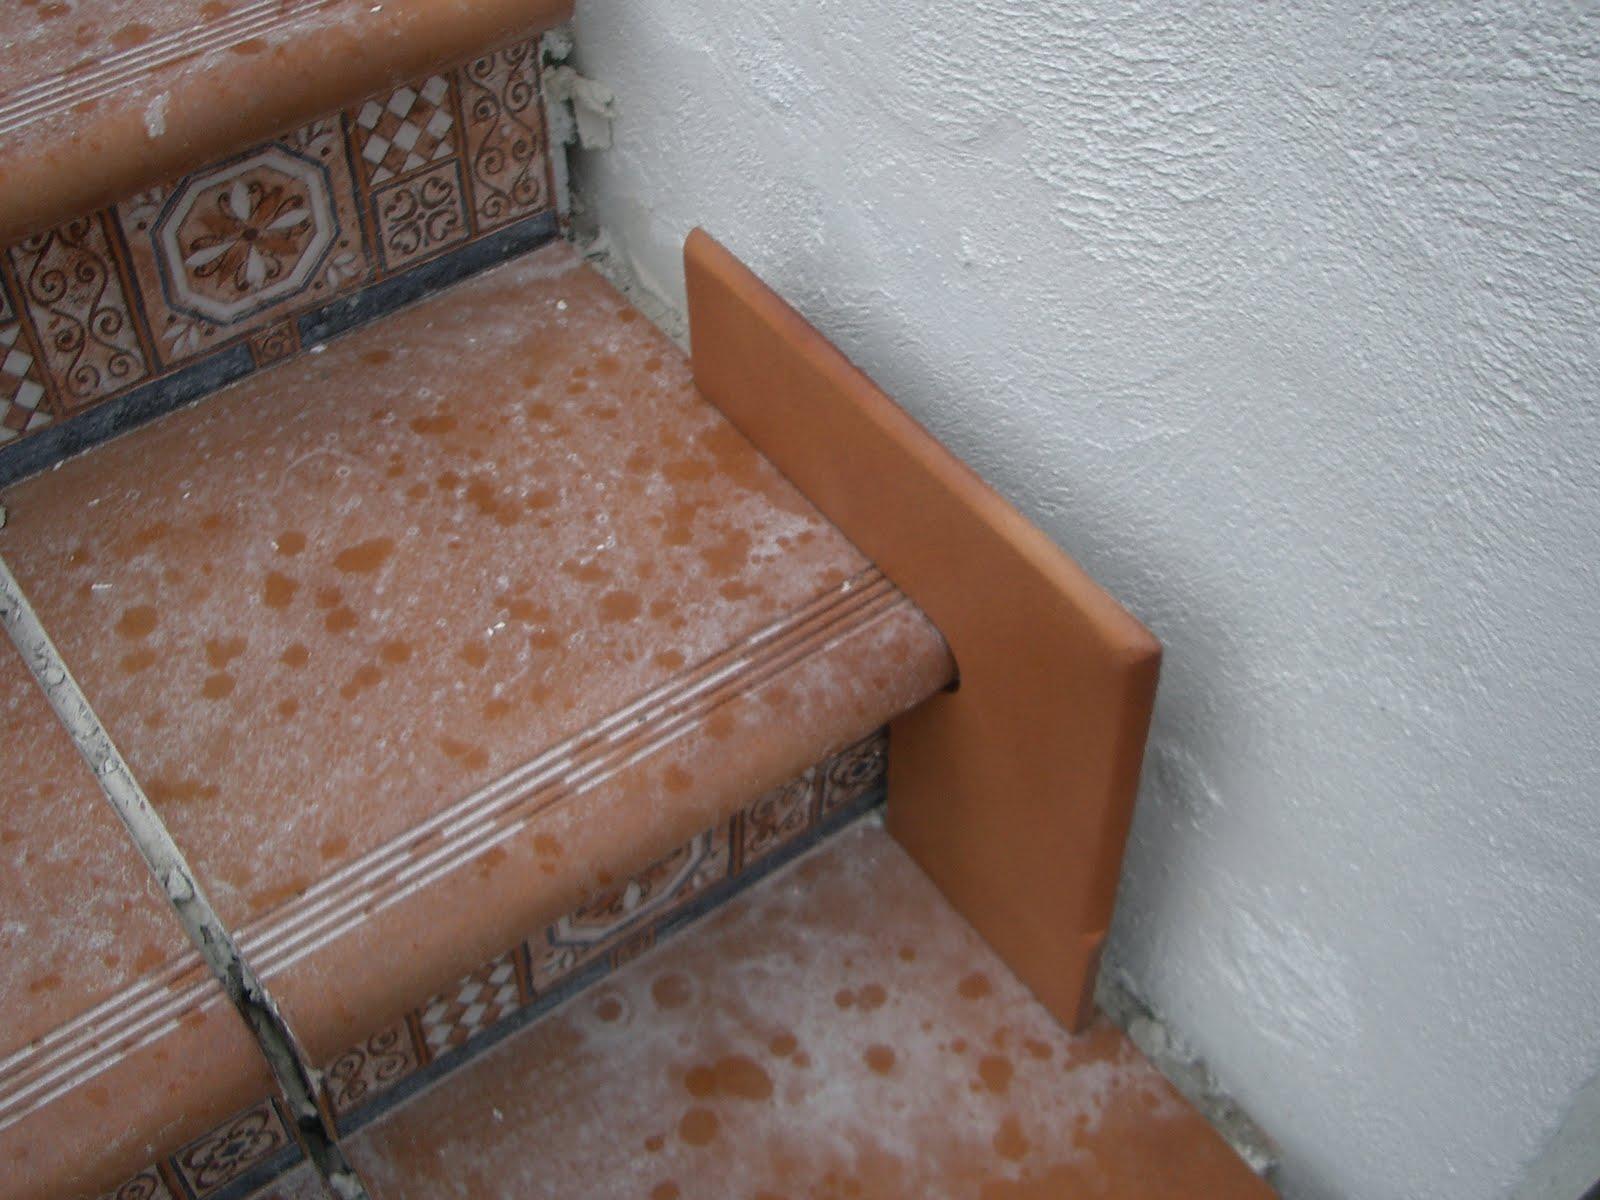 Quinta san carlos escaleras completas acceso al campo y - Losetas para pared ...